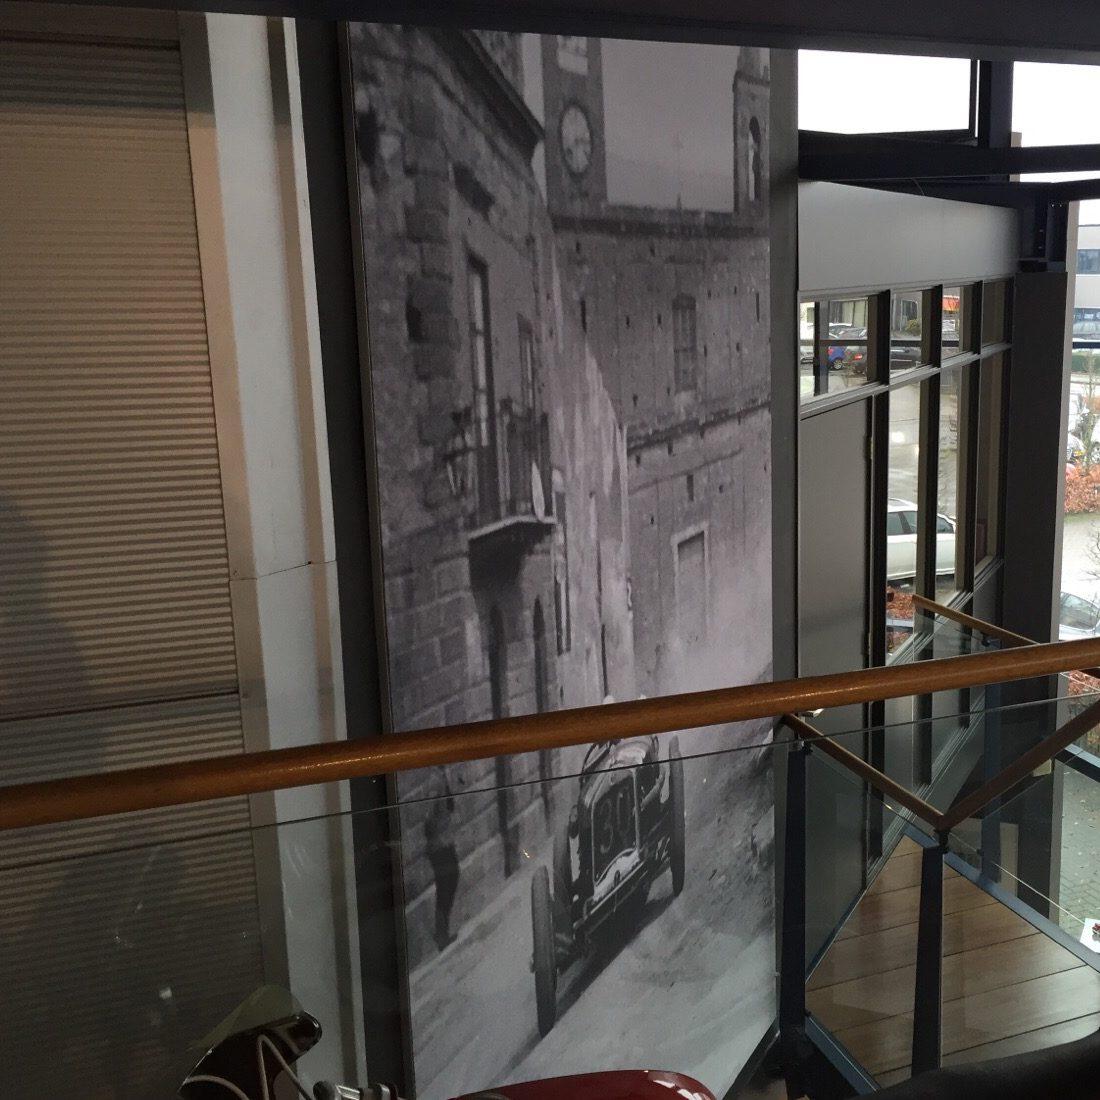 Airtex fotobehang in de showroom van Wim Prins auto's